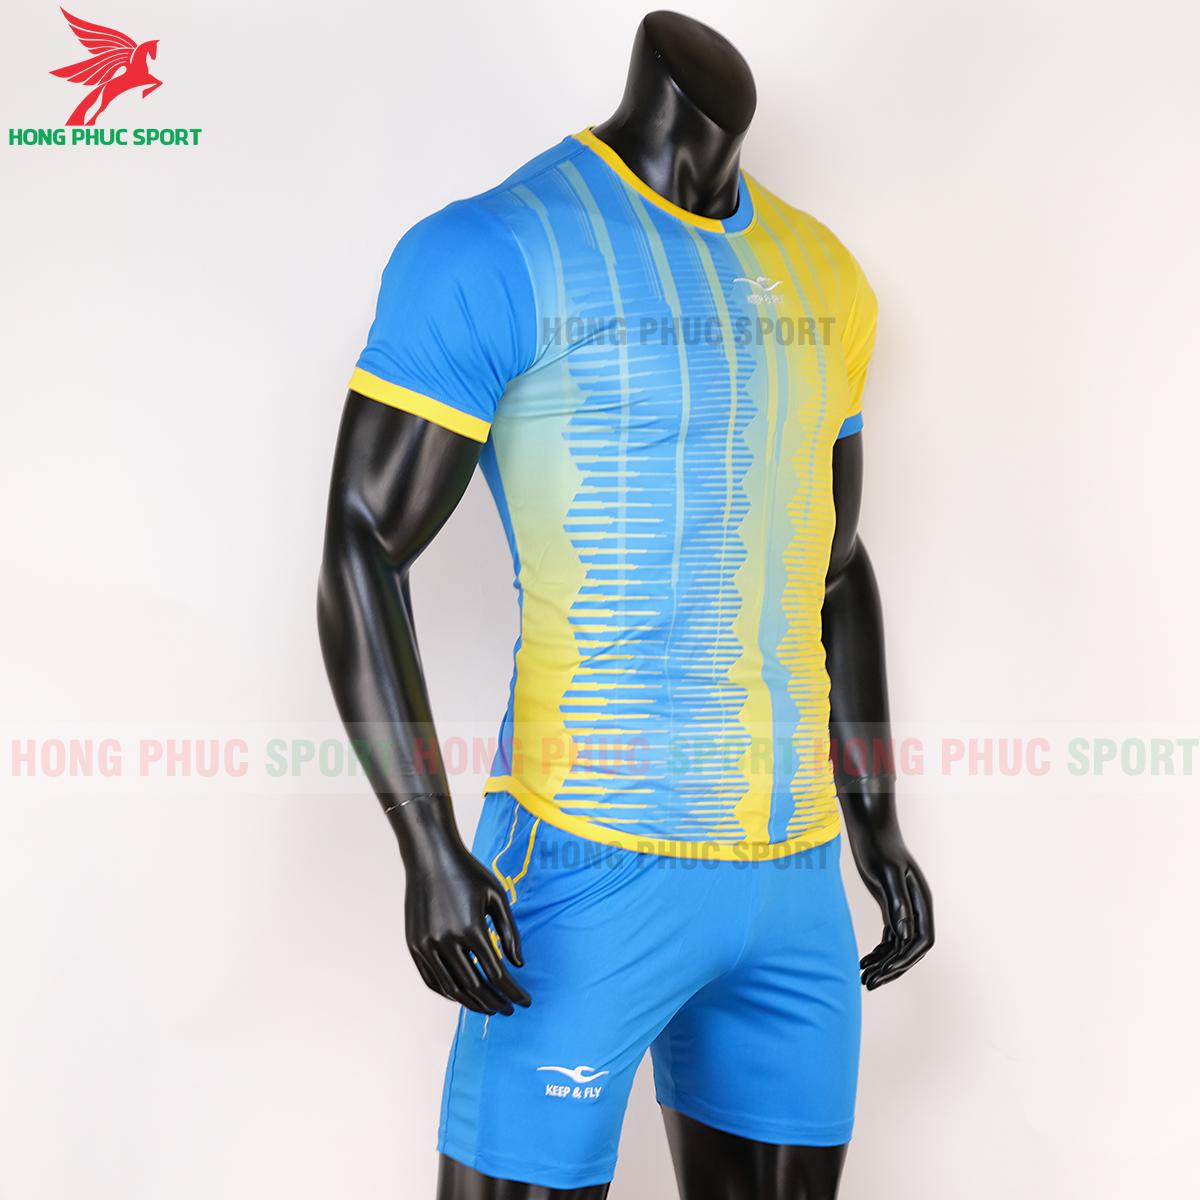 Áo Keep&Fly Razy 2020 vàng - xanh ngọc (phải)